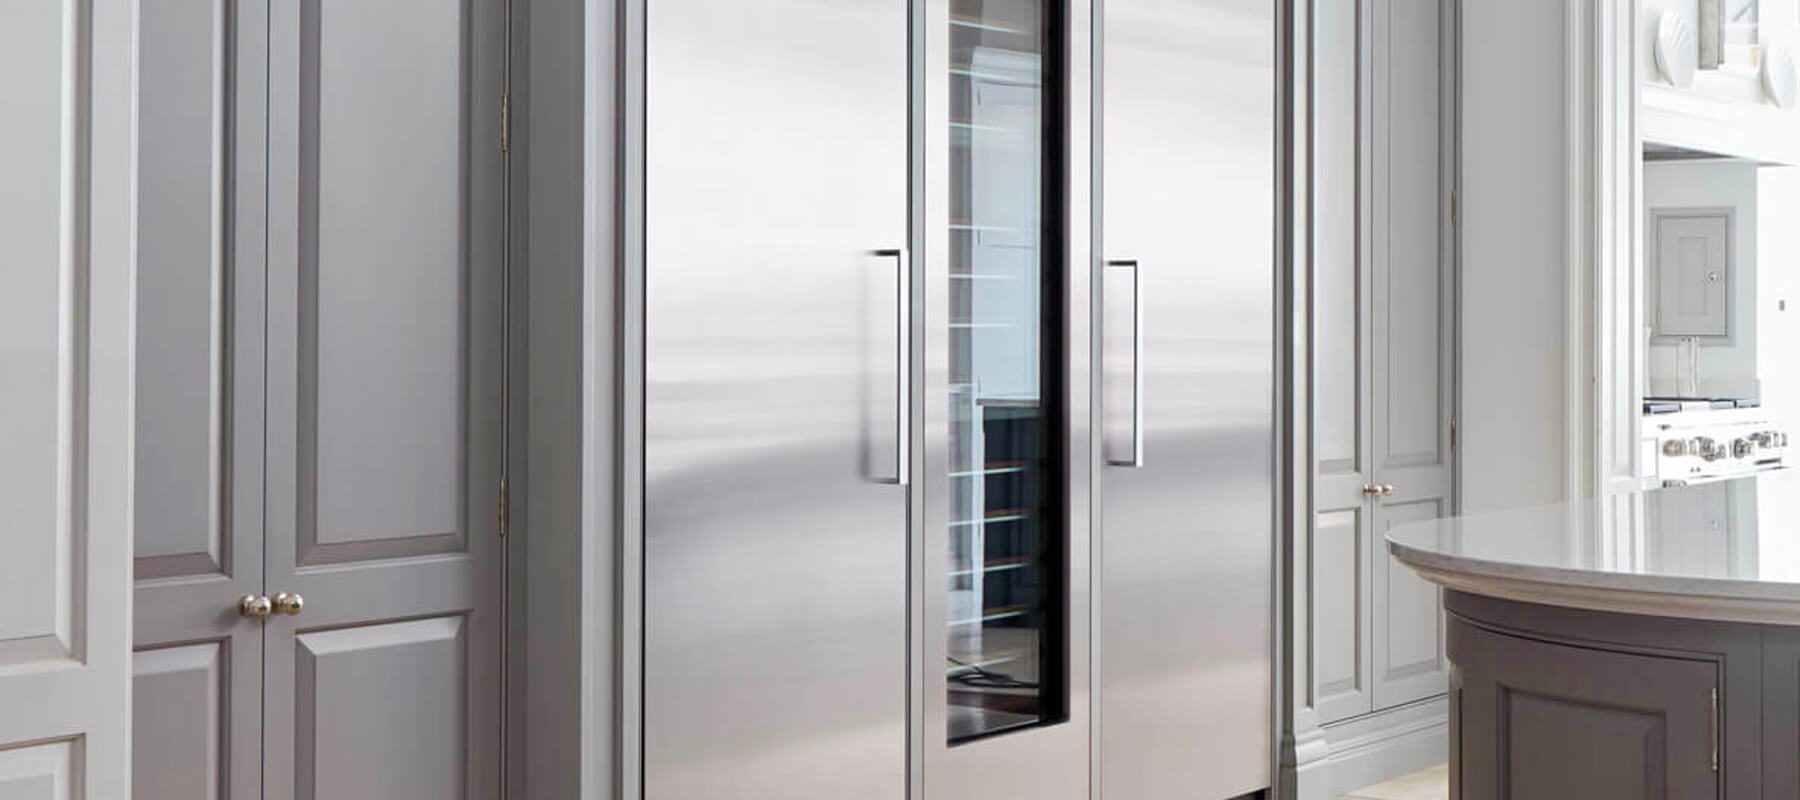 Authorized Sub Zero Repair Service | Built in Refrigerator Repair Service